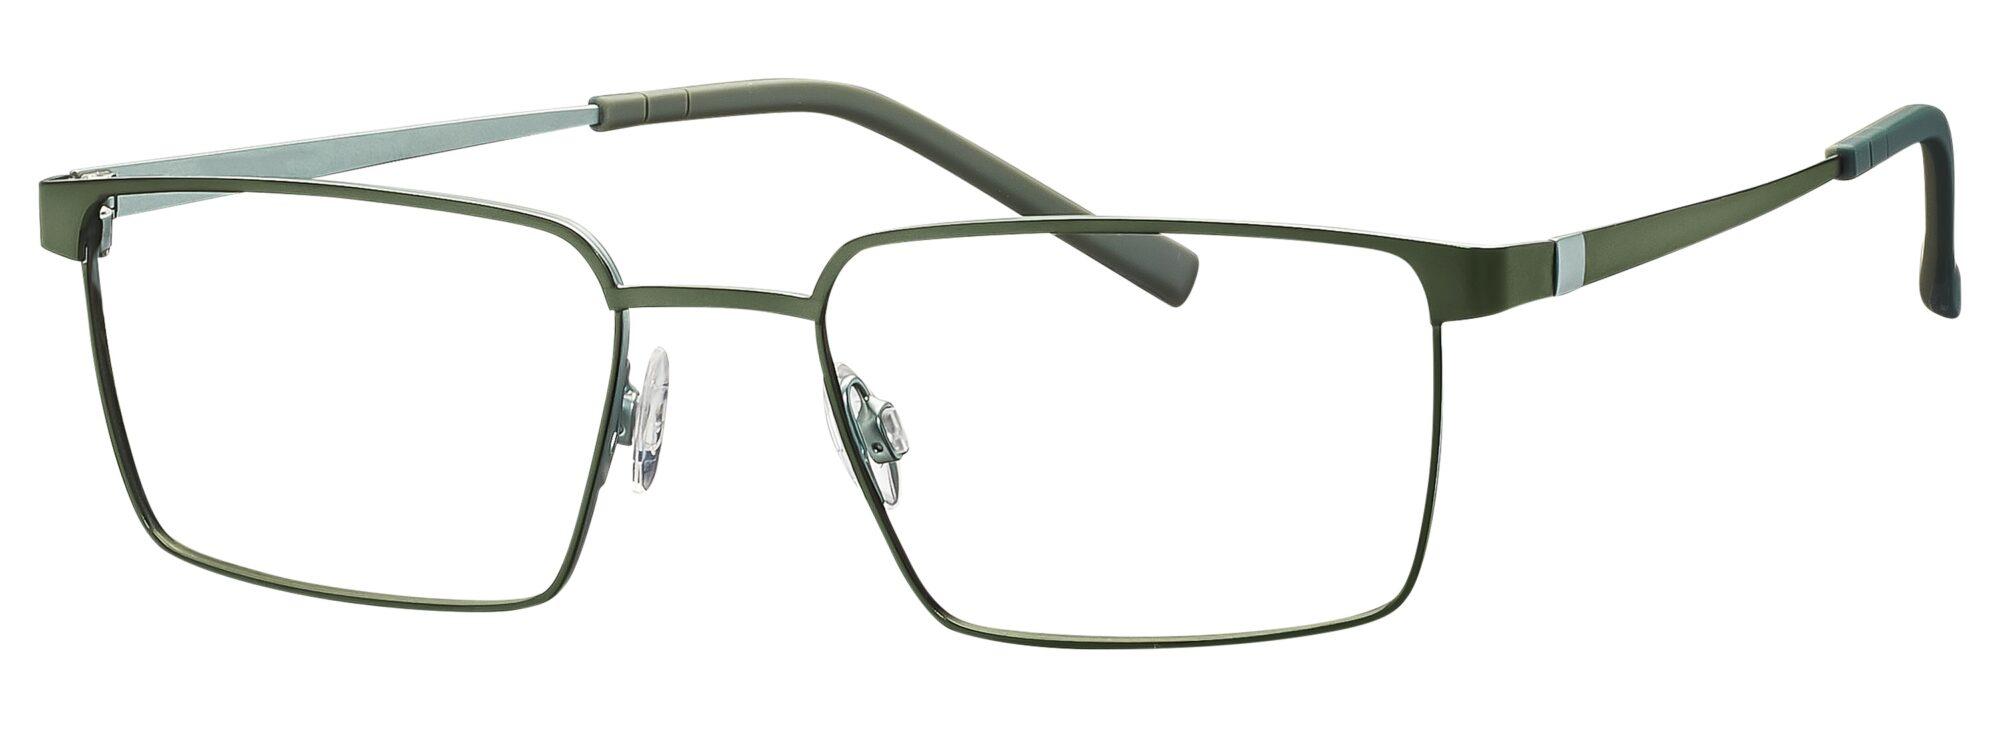 TITANFLEX - 850092-40